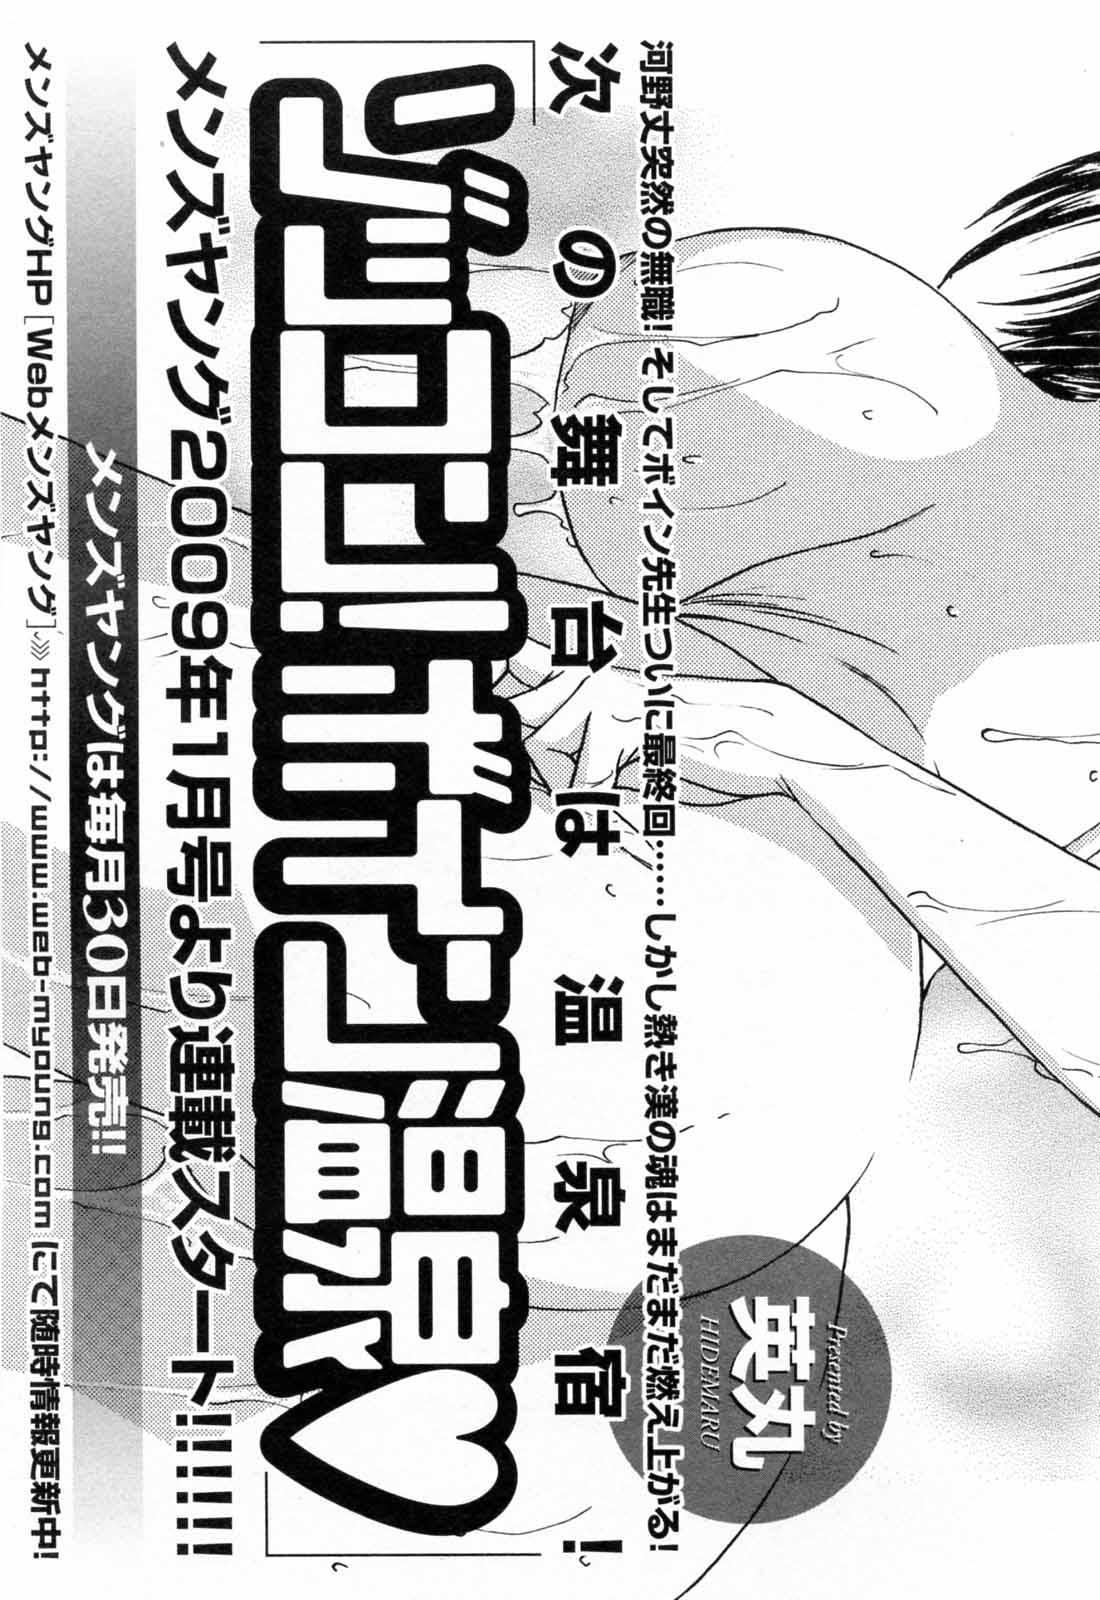 [Hidemaru] Mo-Retsu! Boin Sensei (Boing Boing Teacher) Vol.5 [English] [4dawgz] [Tadanohito] 193